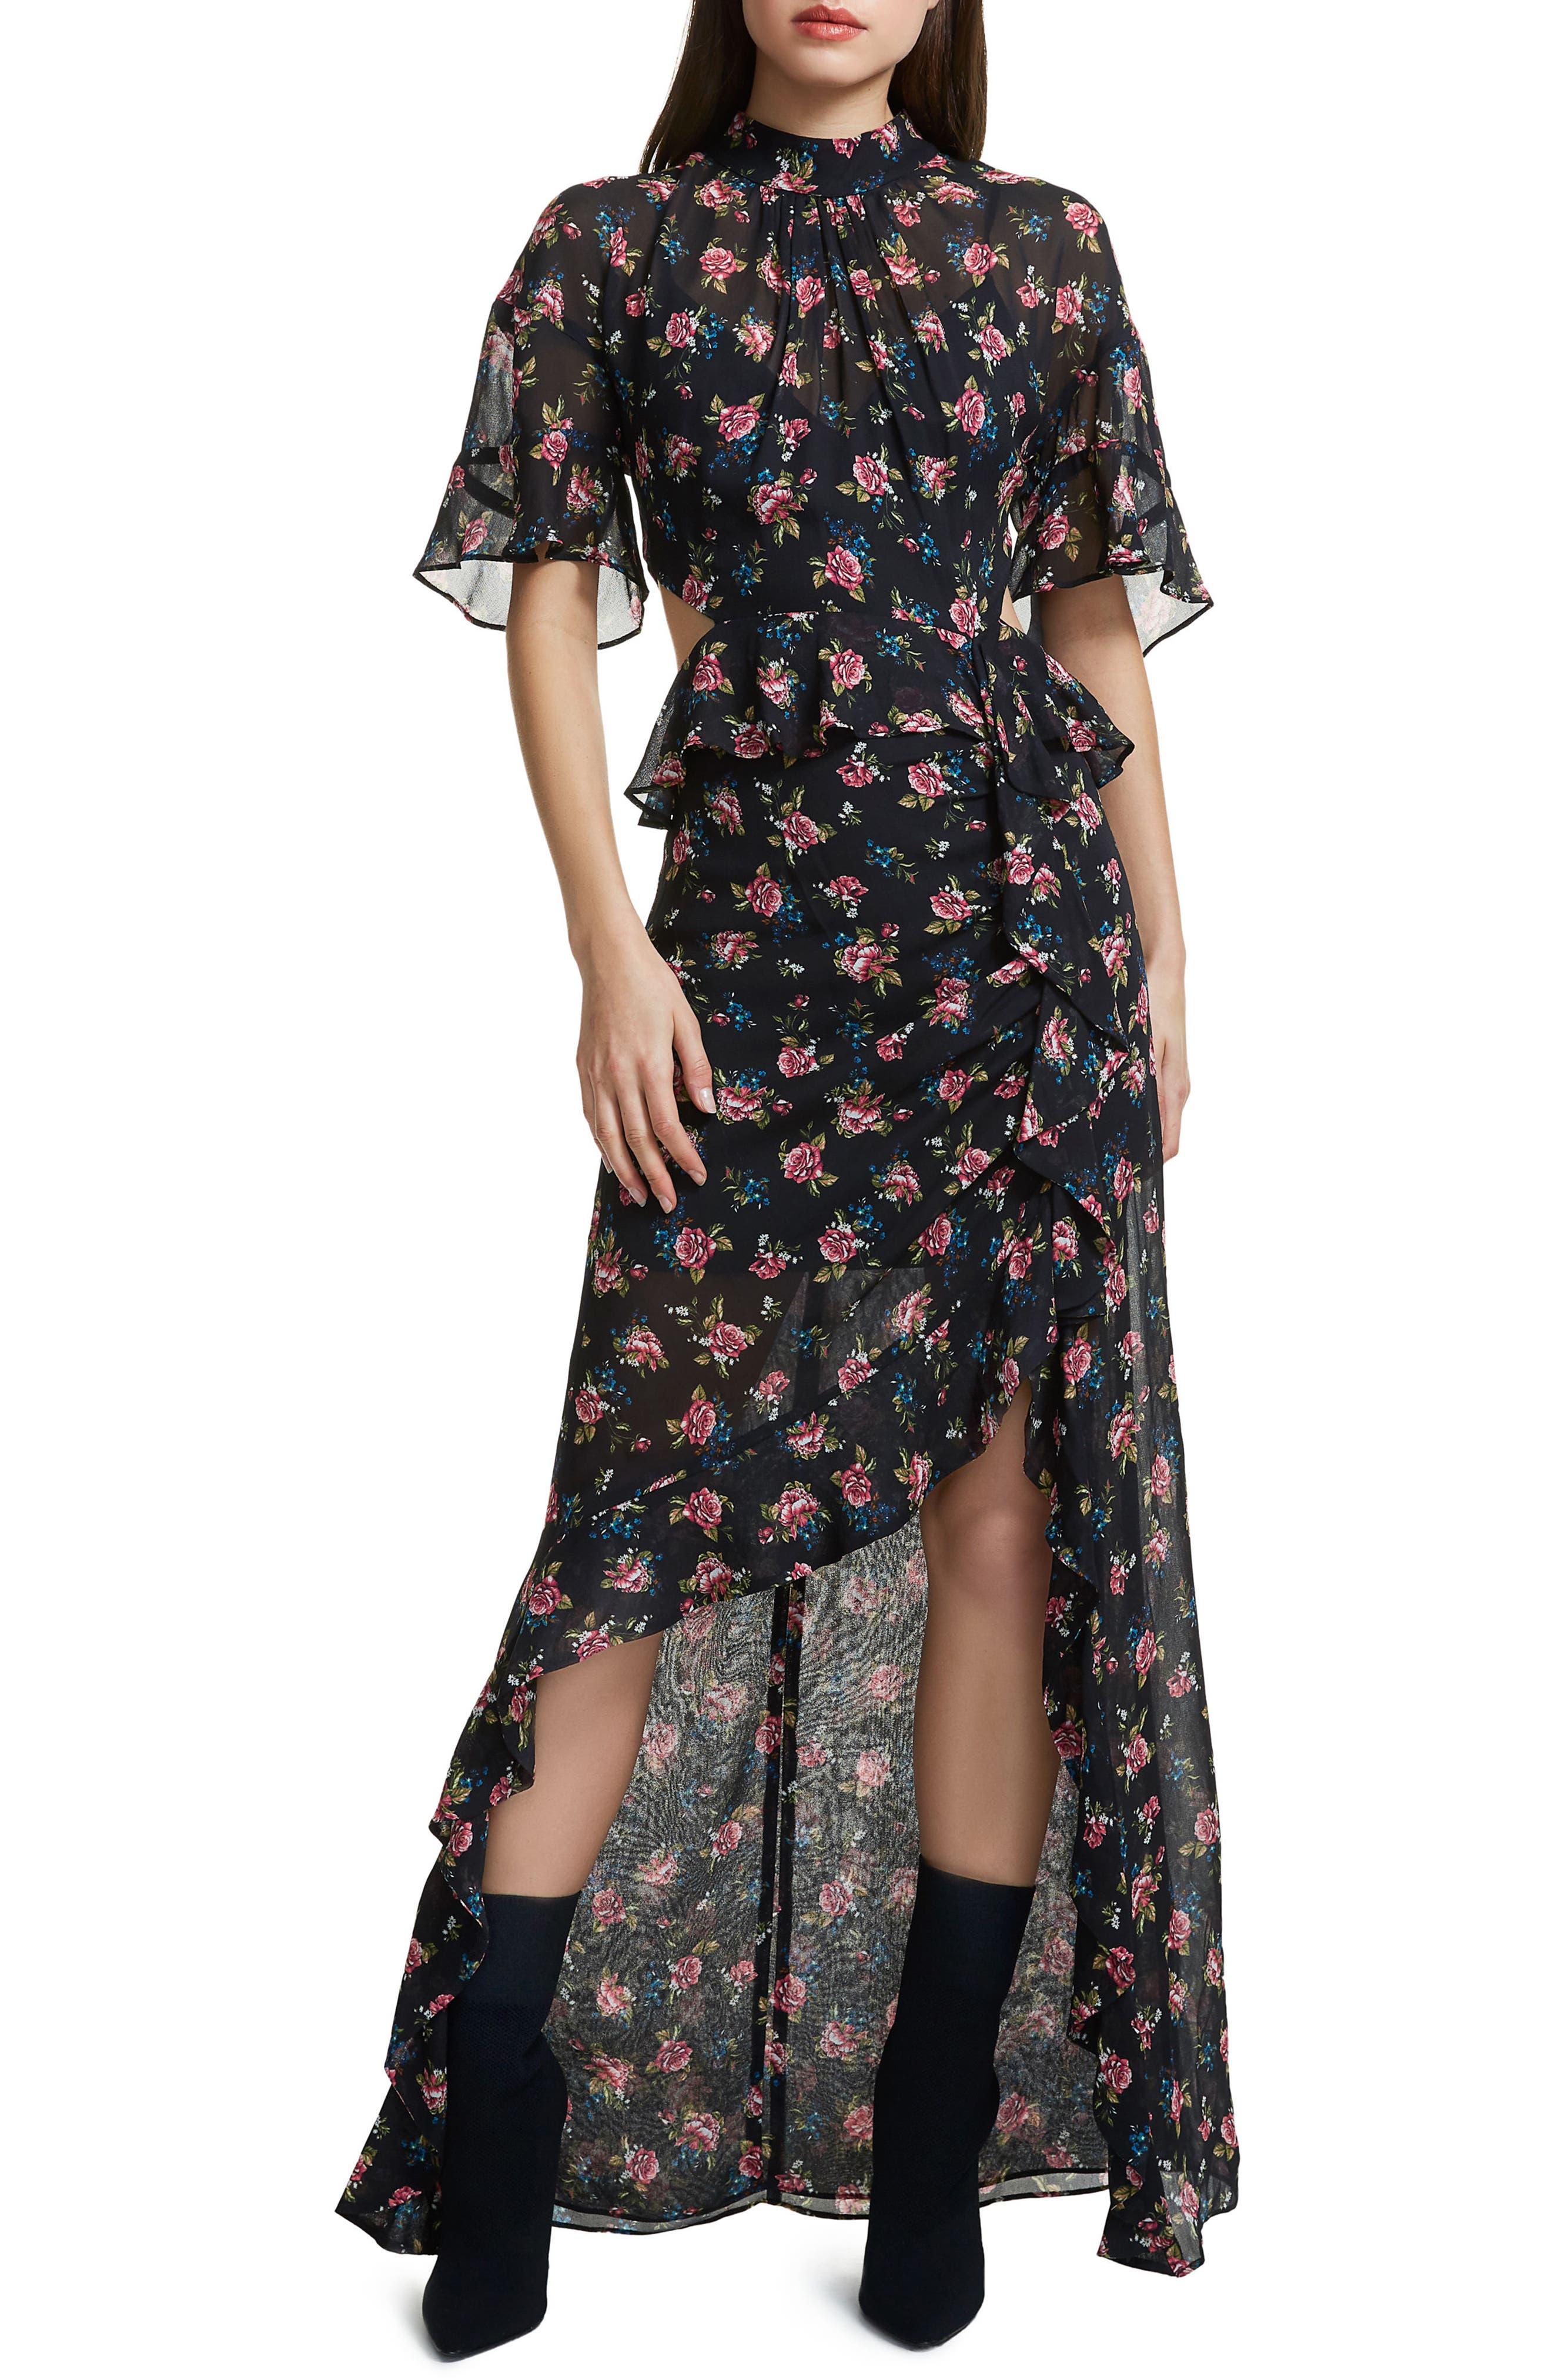 Alternate Image 1 Selected - AFRM Melsa Cutout Maxi Dress